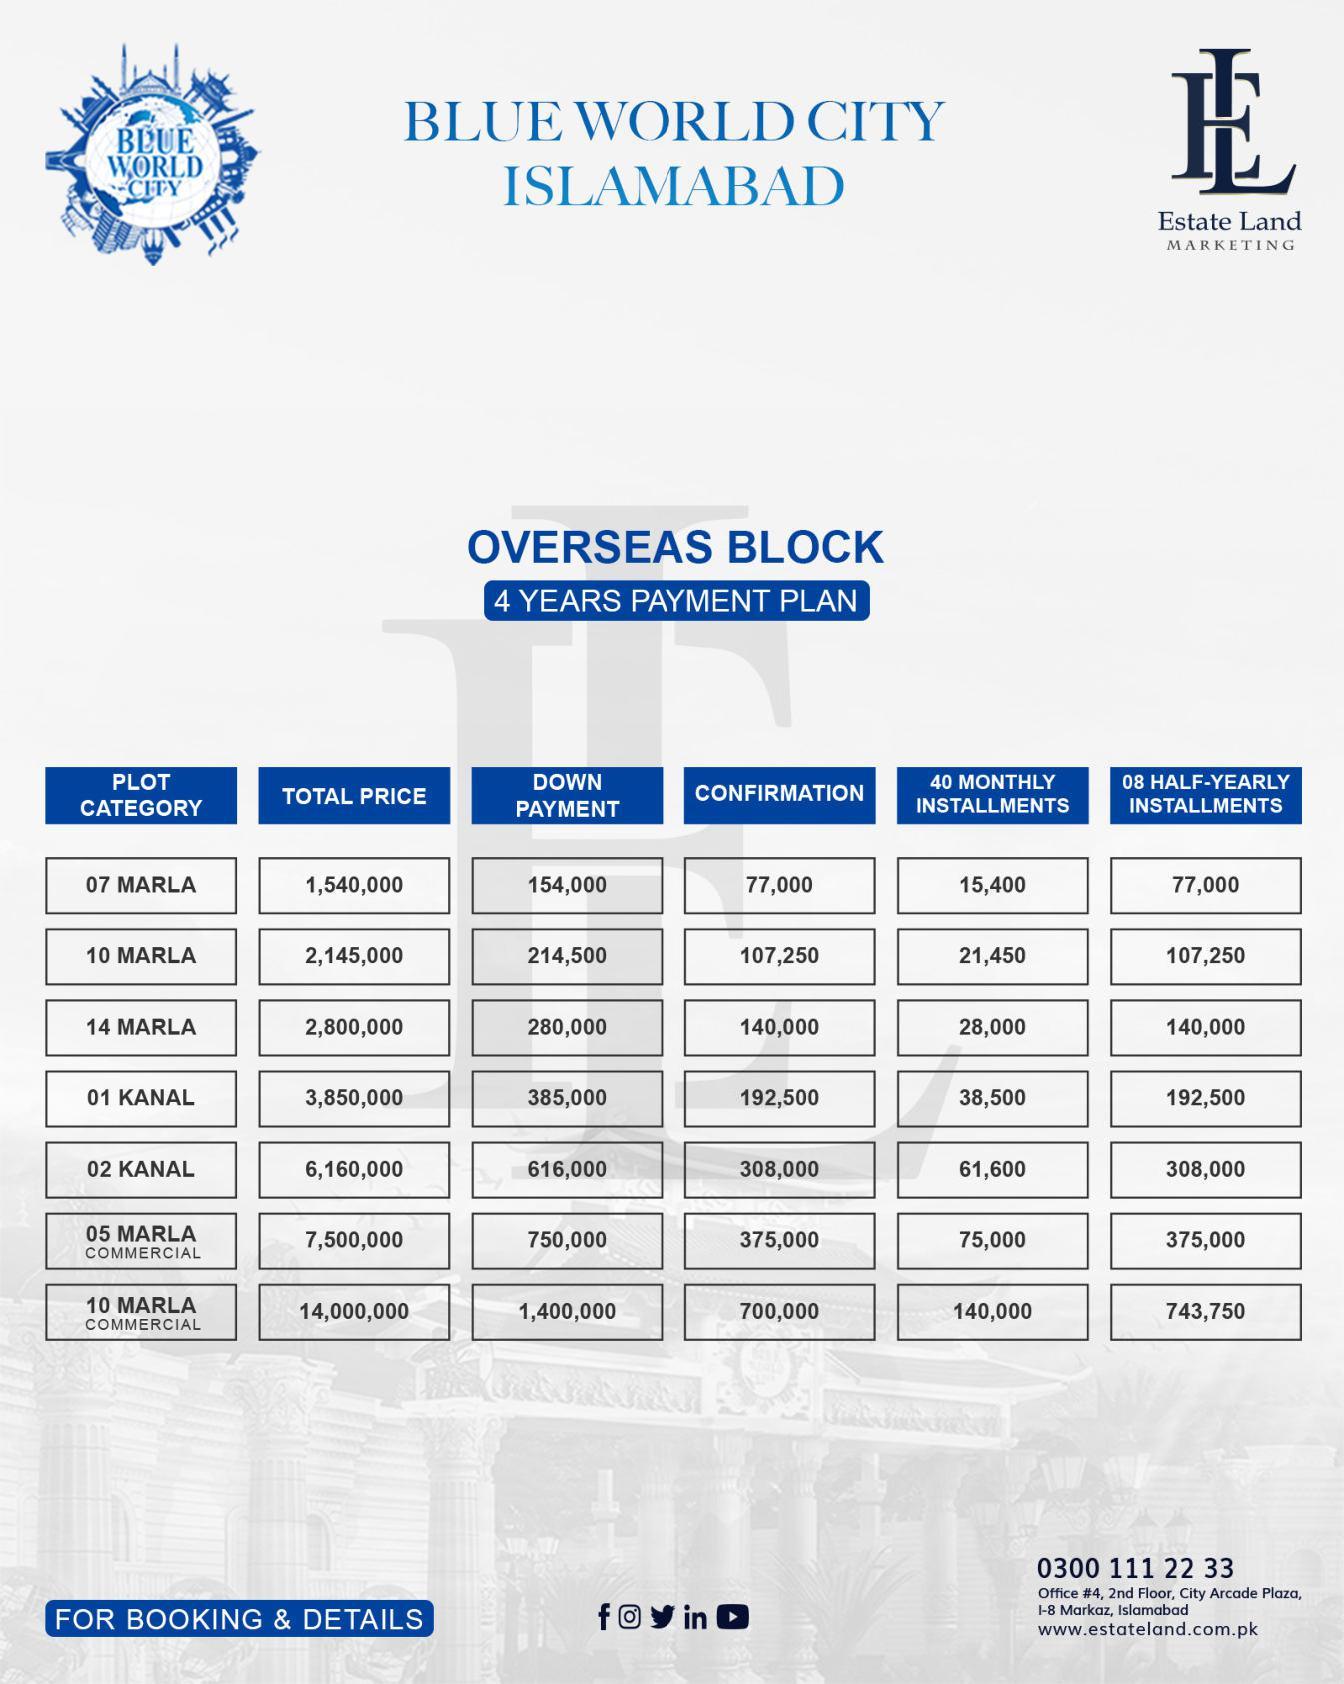 Blue World overseas block payment plan